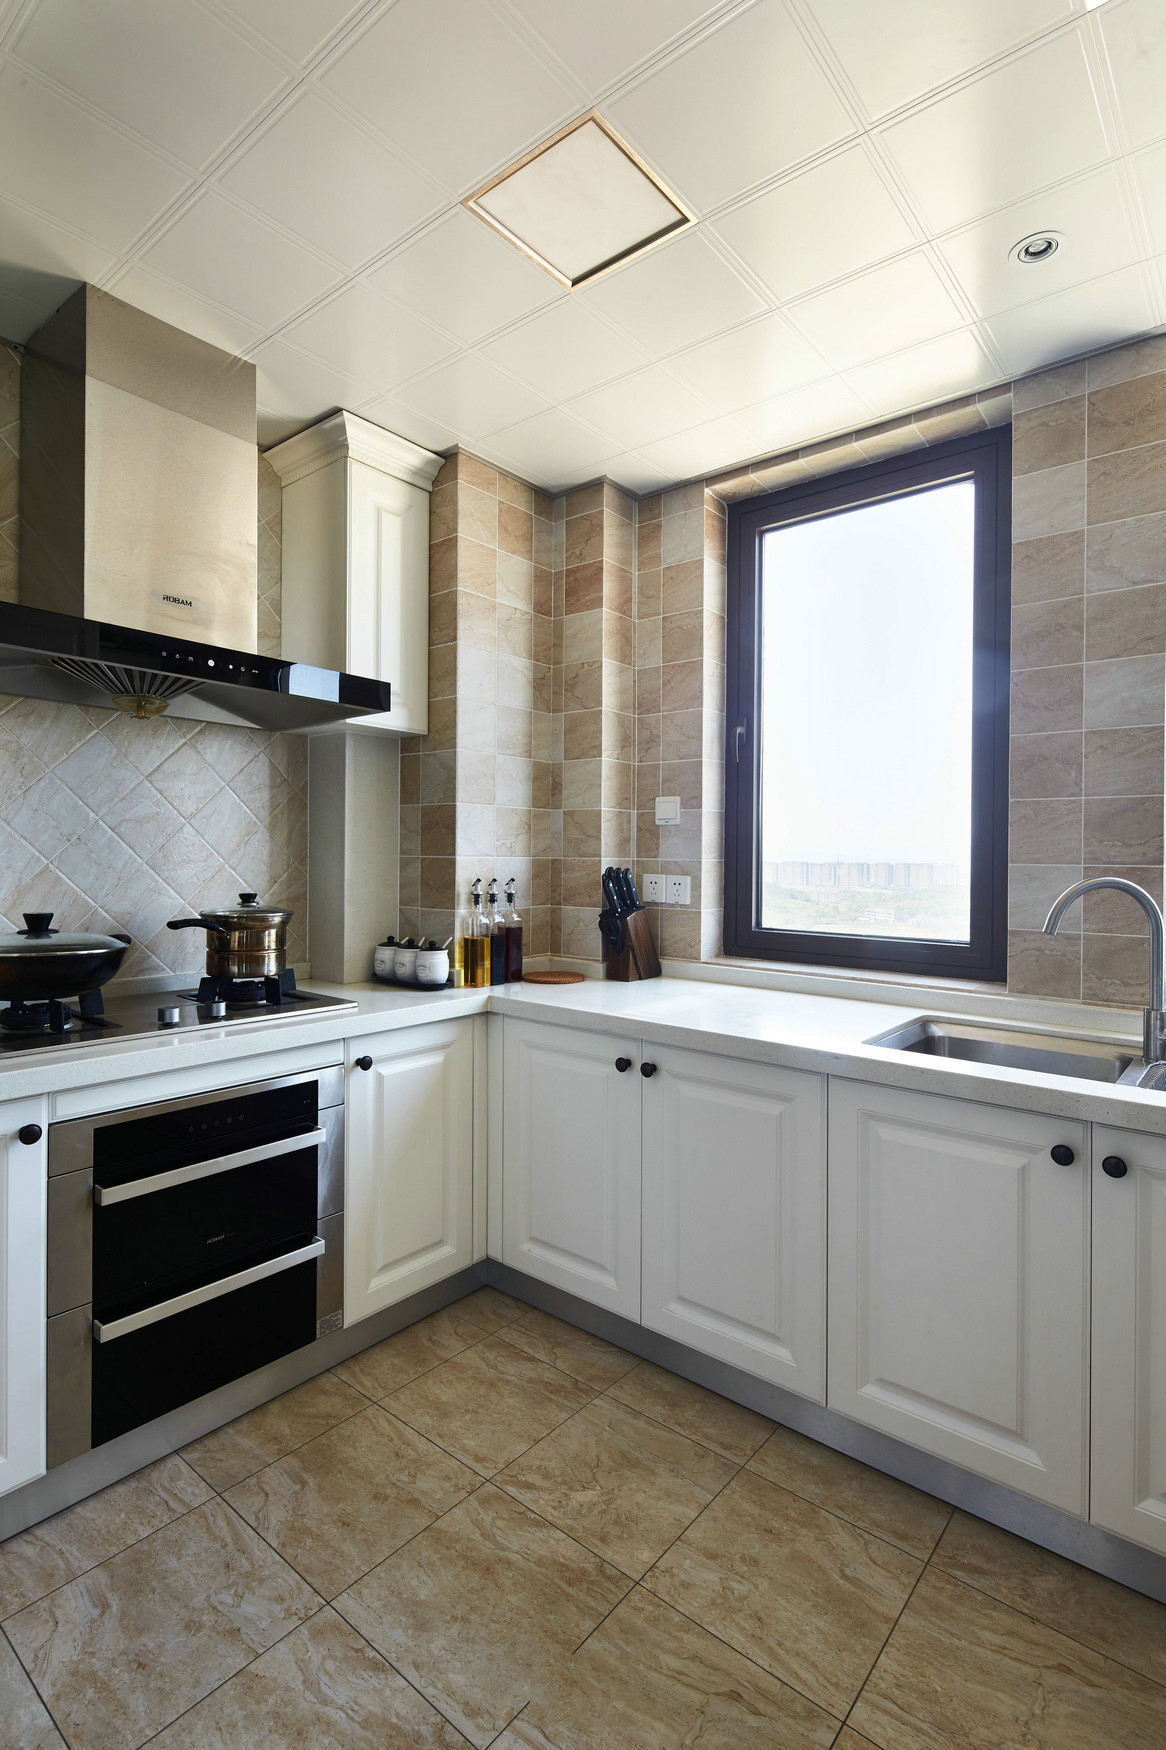 温馨美式厨房L型橱柜效果图